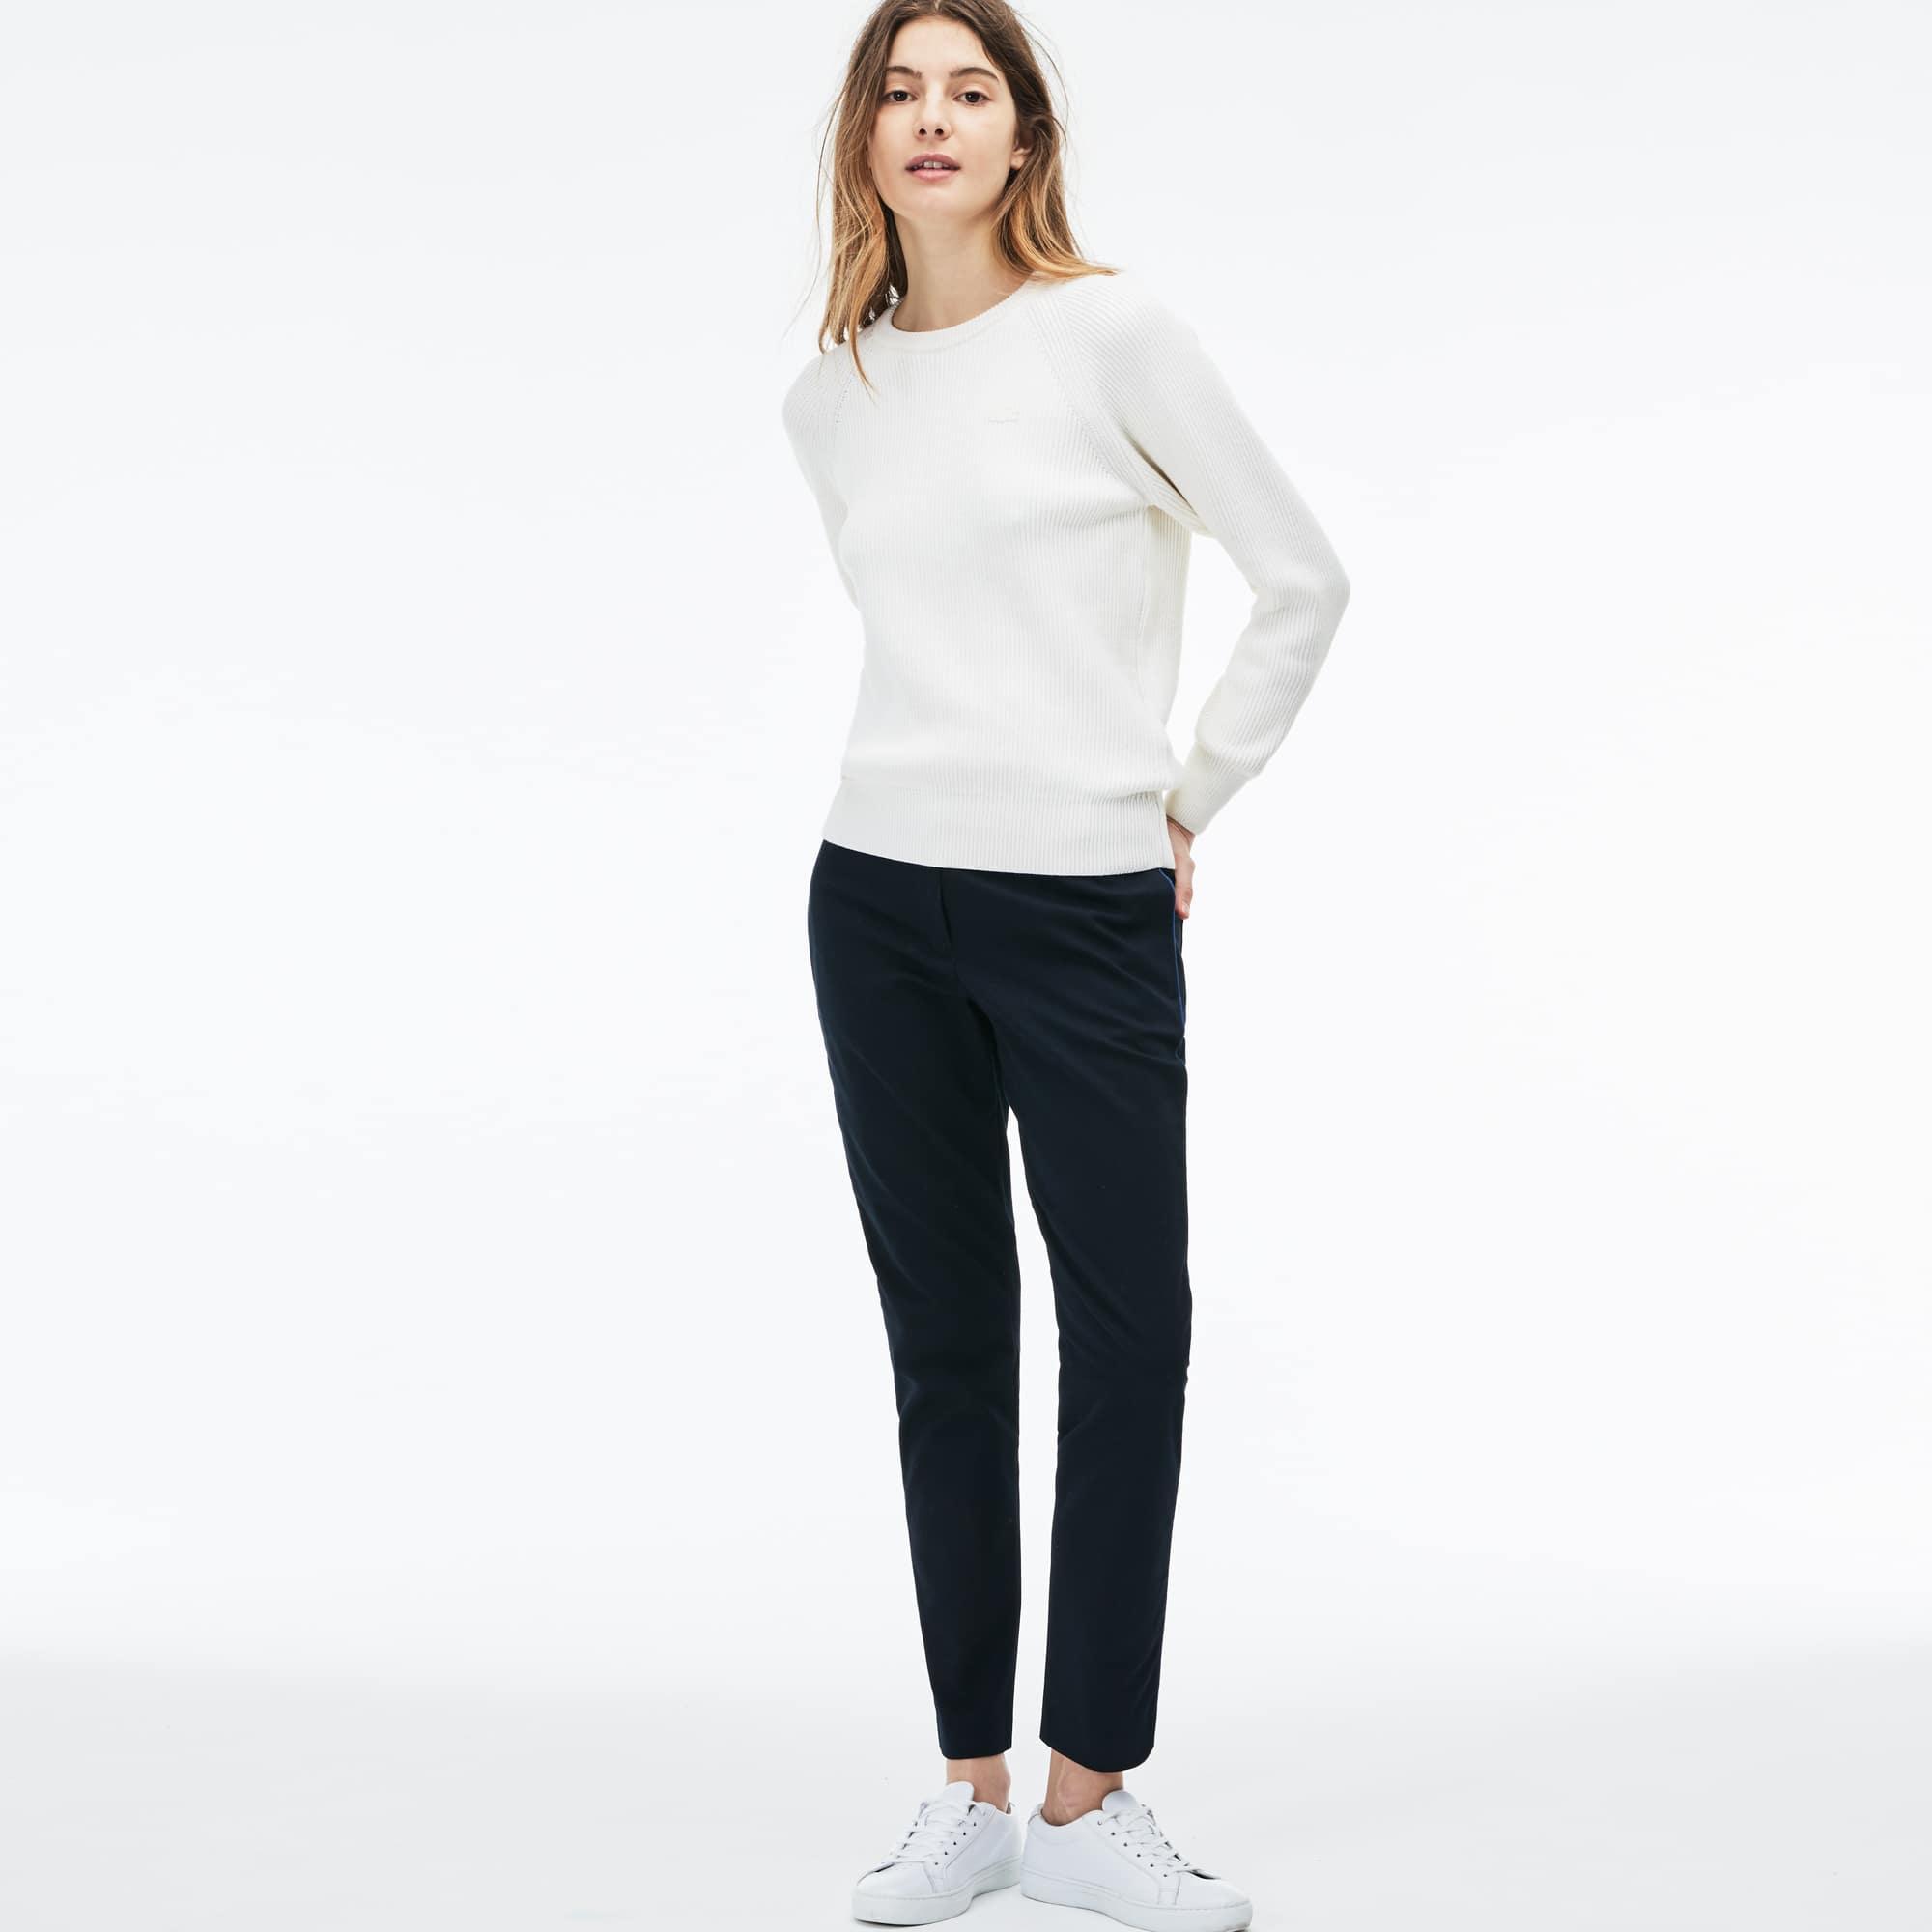 Camisola decote redondo em algodão e lã canelados unicolor